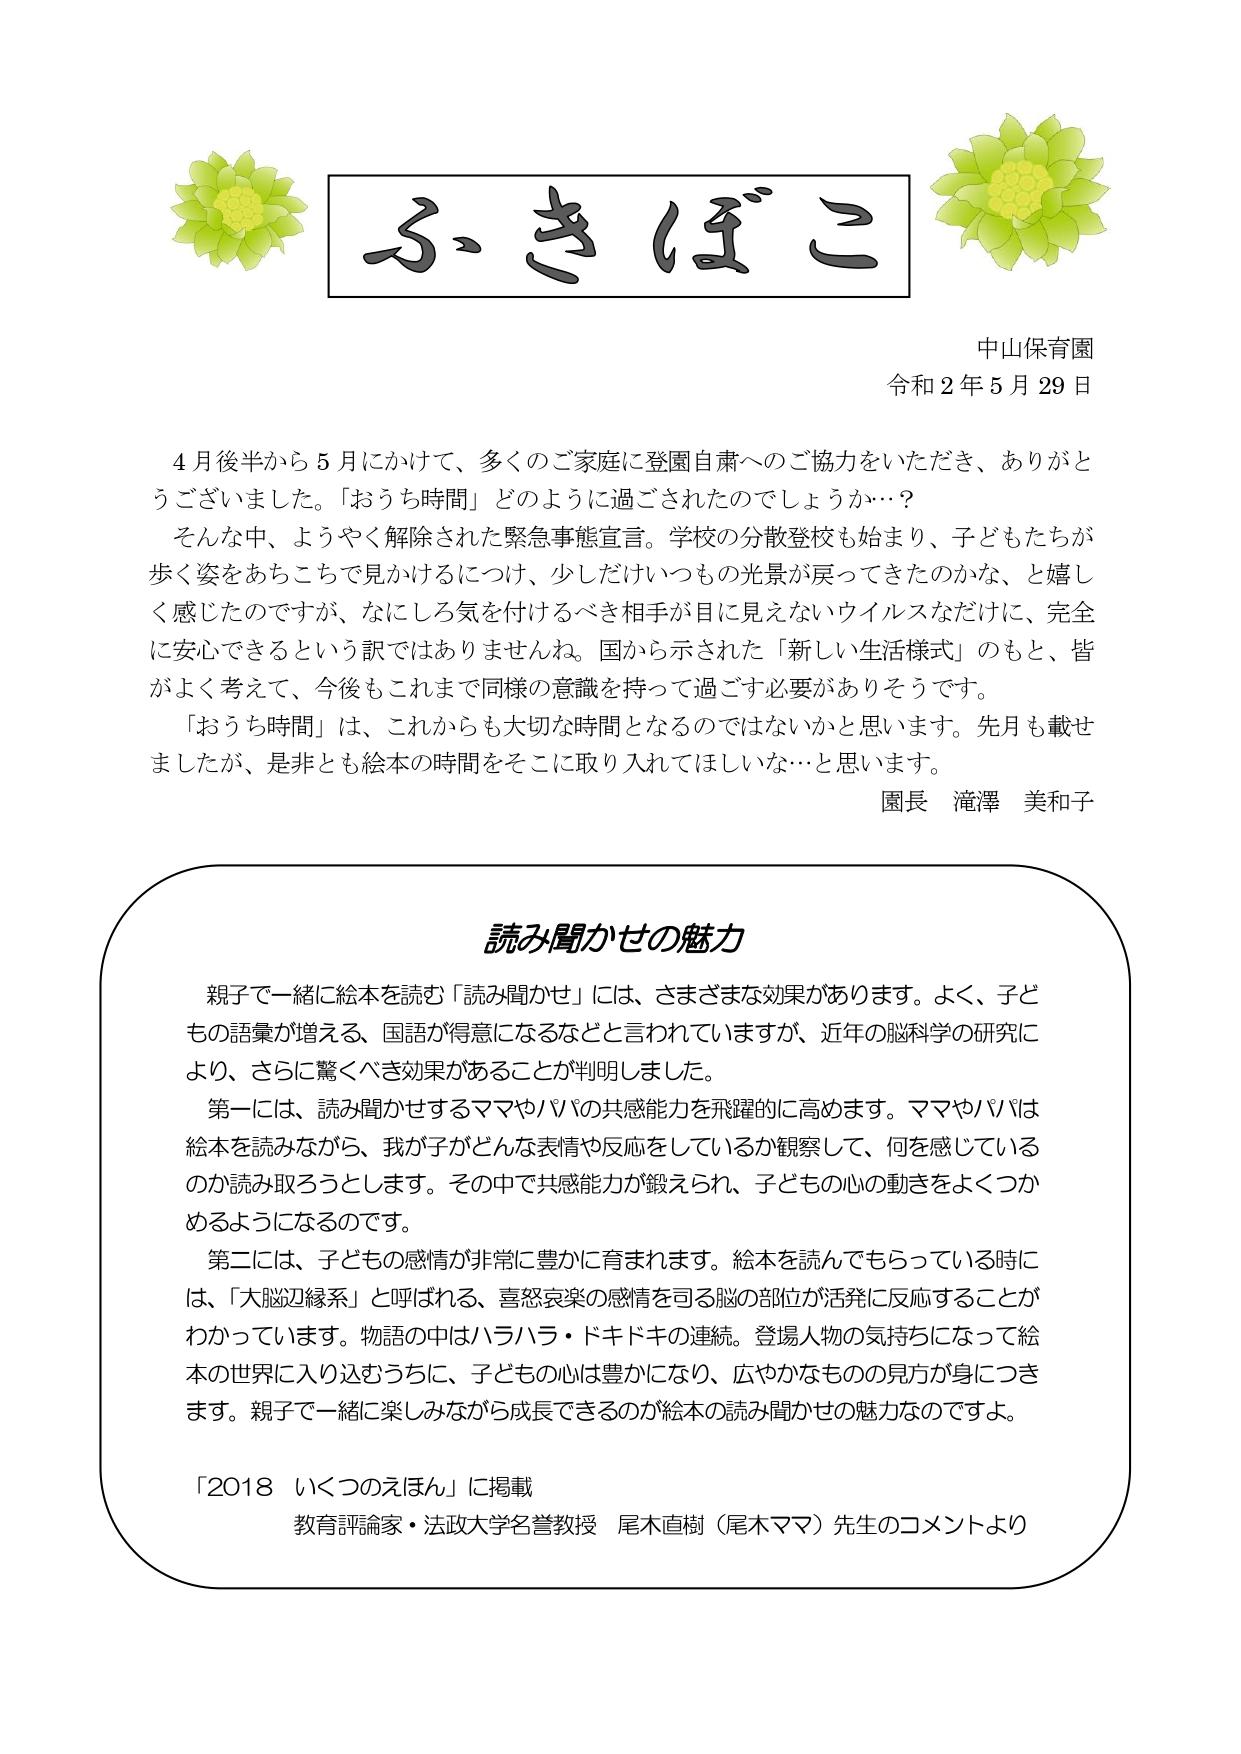 R2ふきぼこ 6月 - コピー_page-0001